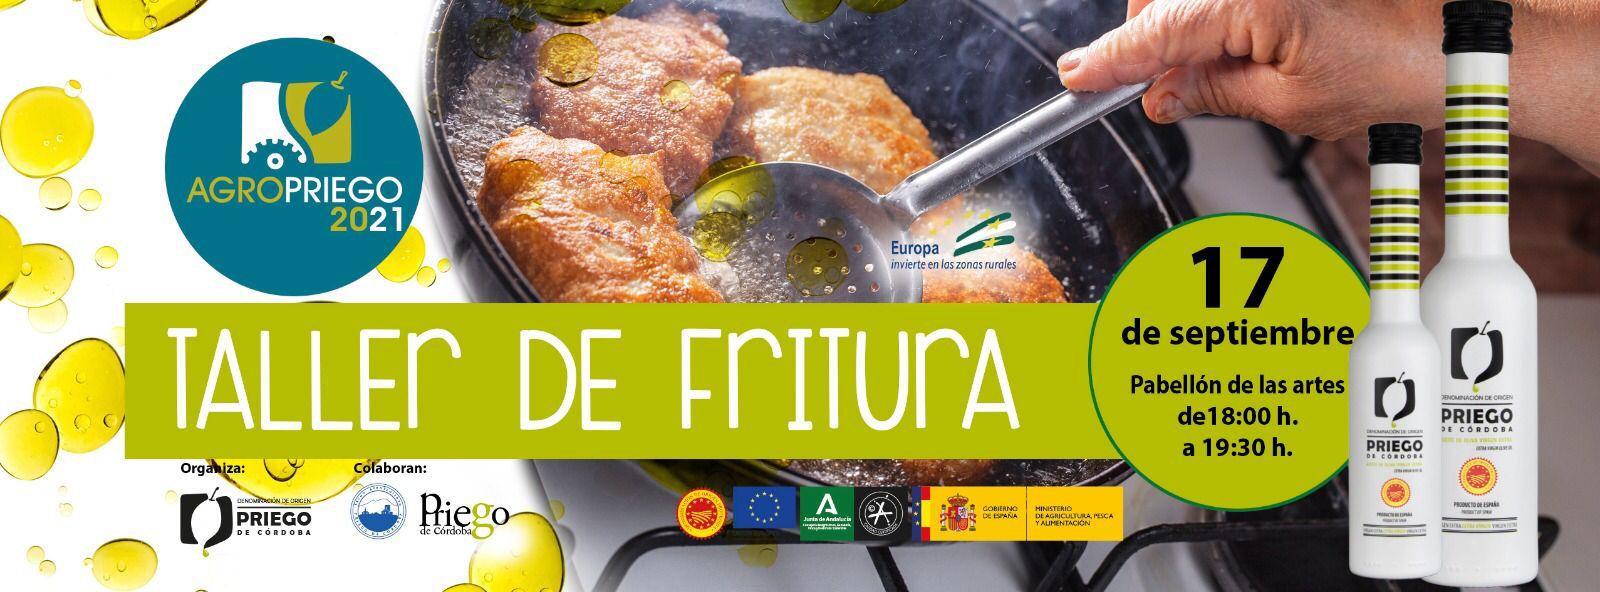 Taller de Fritura Agropriego 2021 - DOP Priego de Córdoba